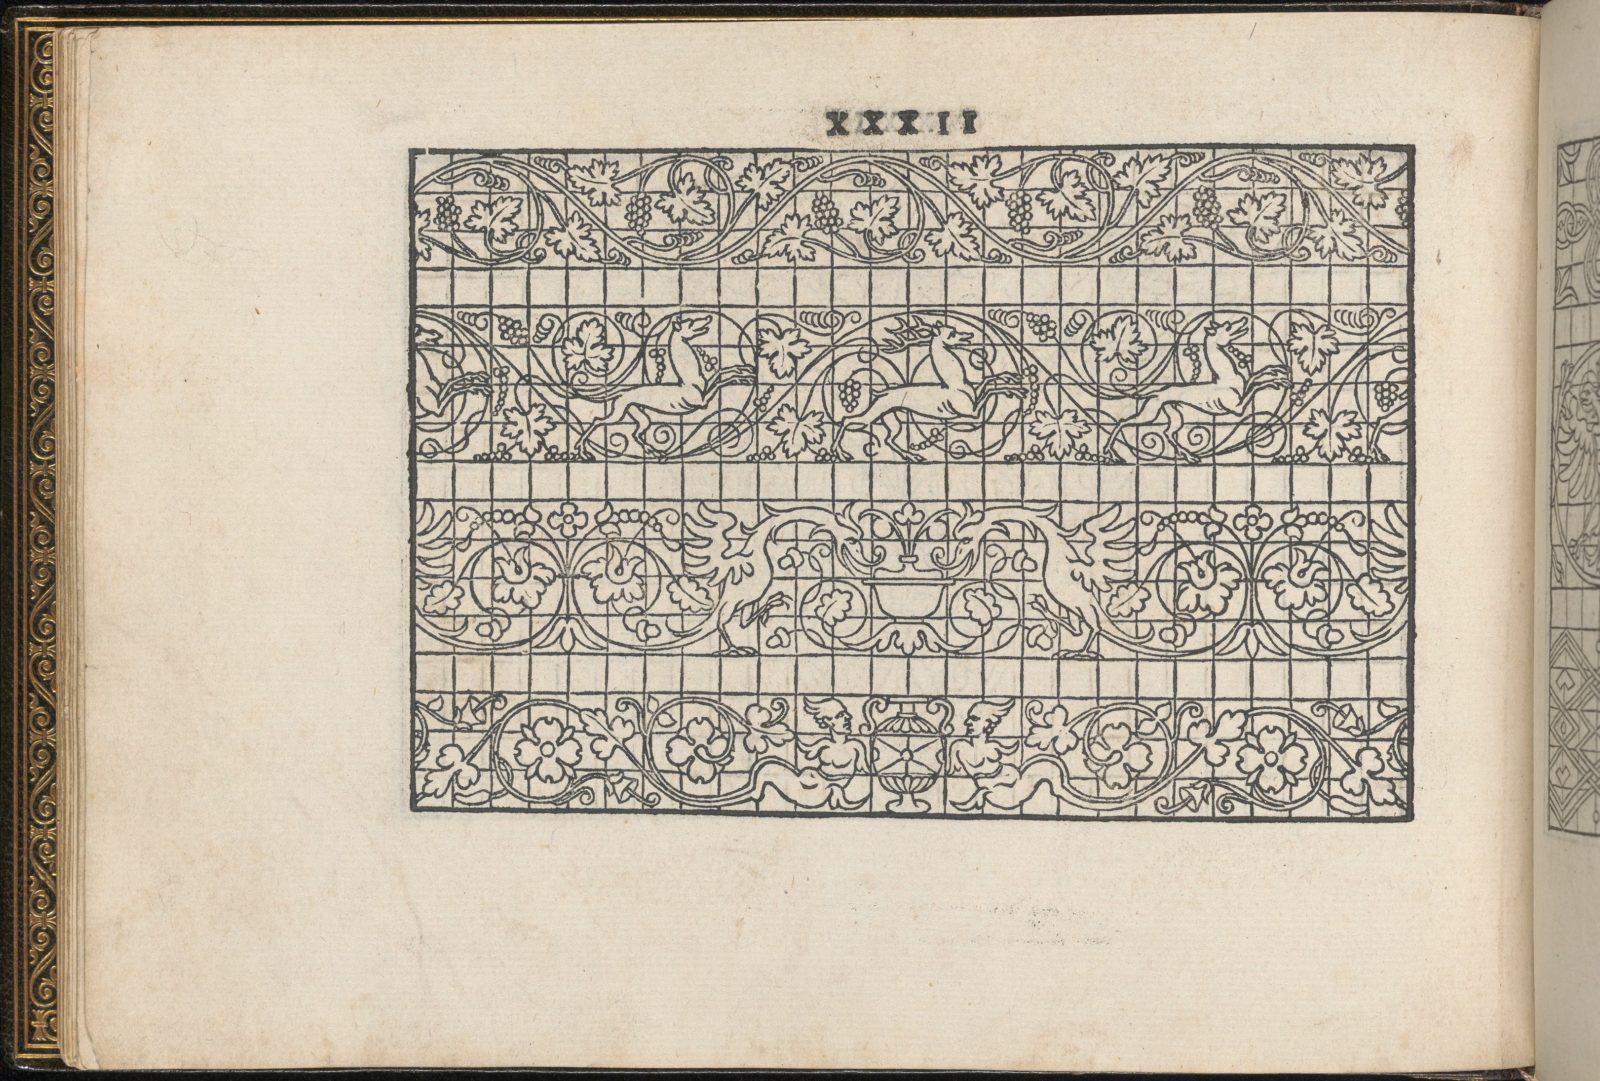 La Vera Perfettione del Disegno di varie sorti di recami, page 16 (verso)